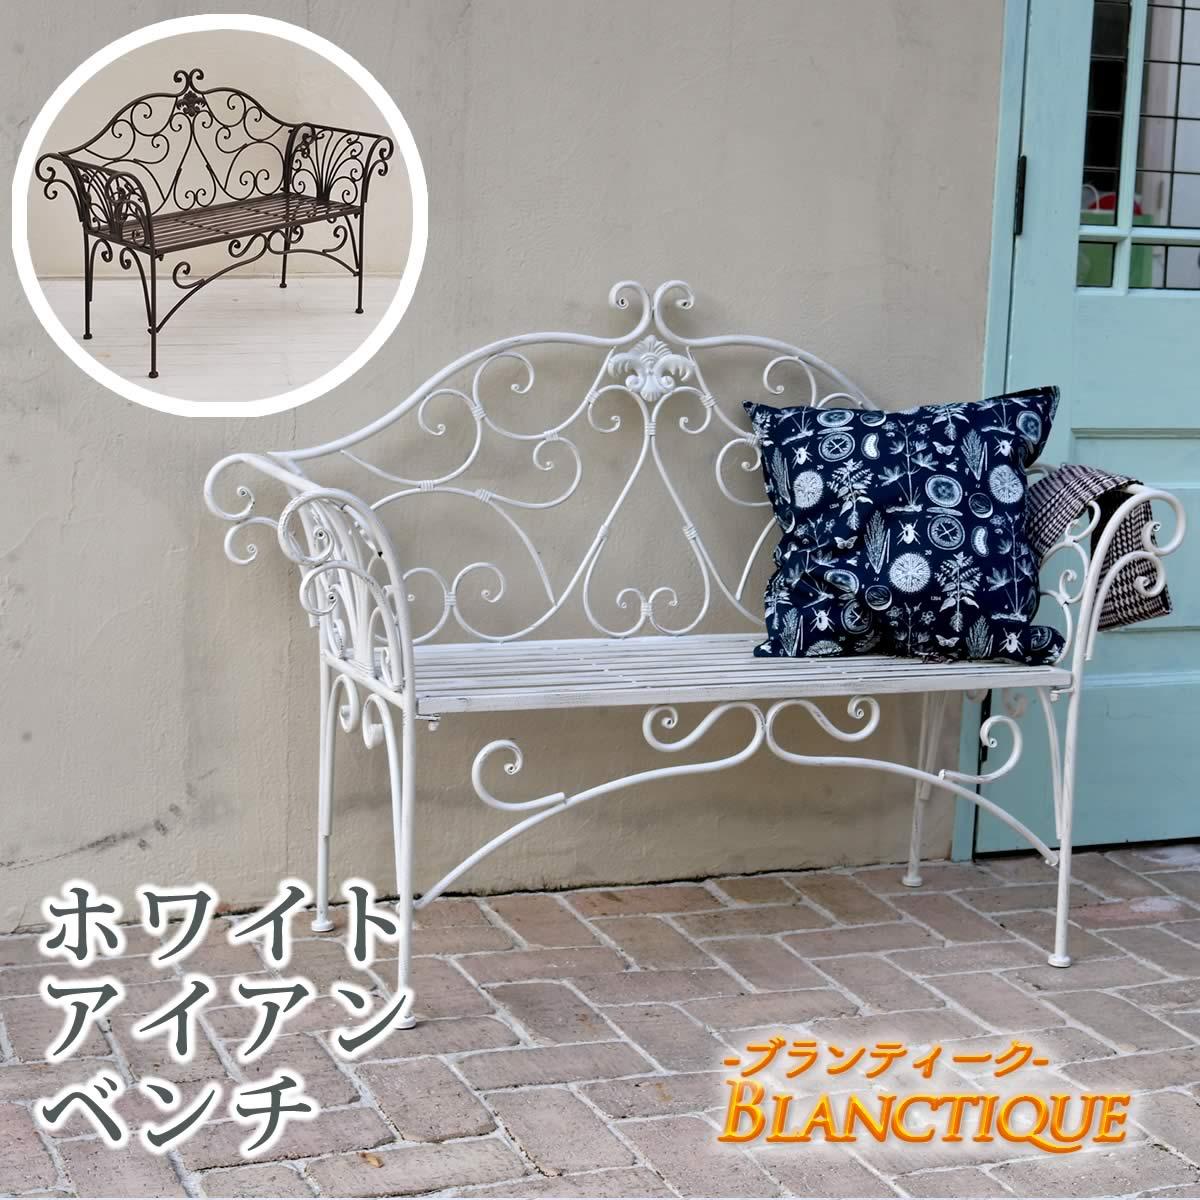 【送料無料】 Blanctique 〔ブランティーク〕 ホワイト アイアン ベンチ 136 ヨーロピアン・アンティーク調